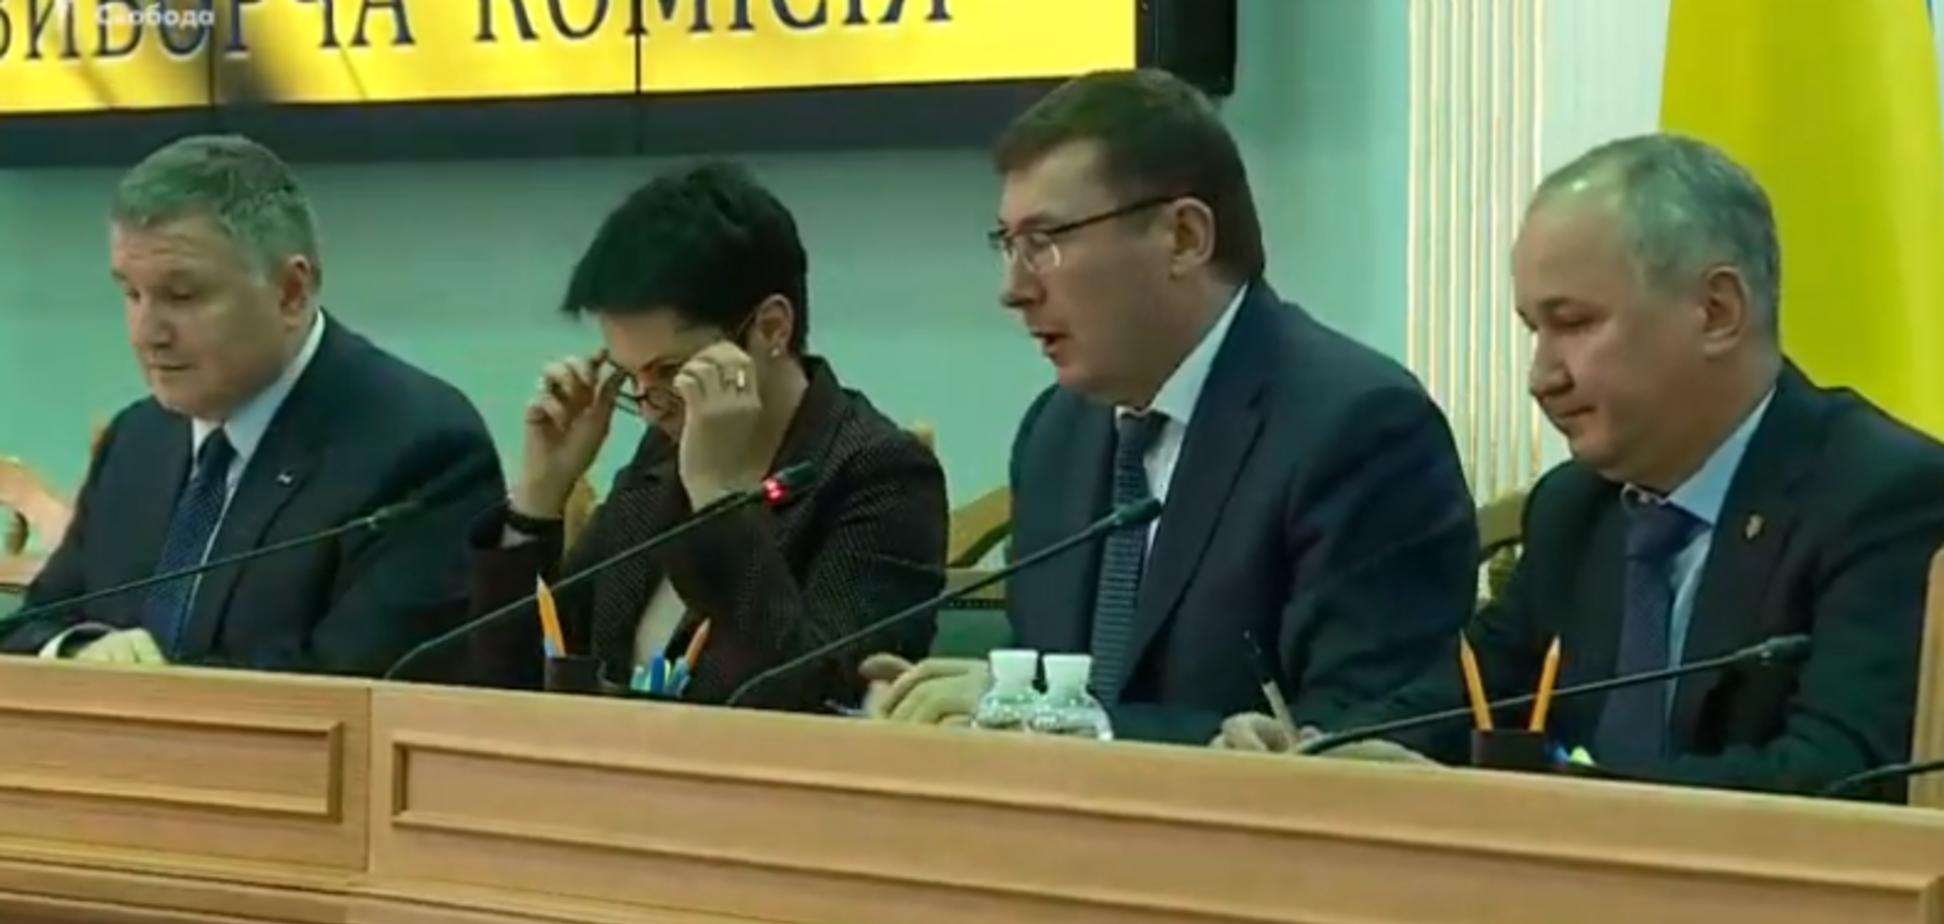 Выборы в Украине: Луценко предостерег от 3 главных нарушений